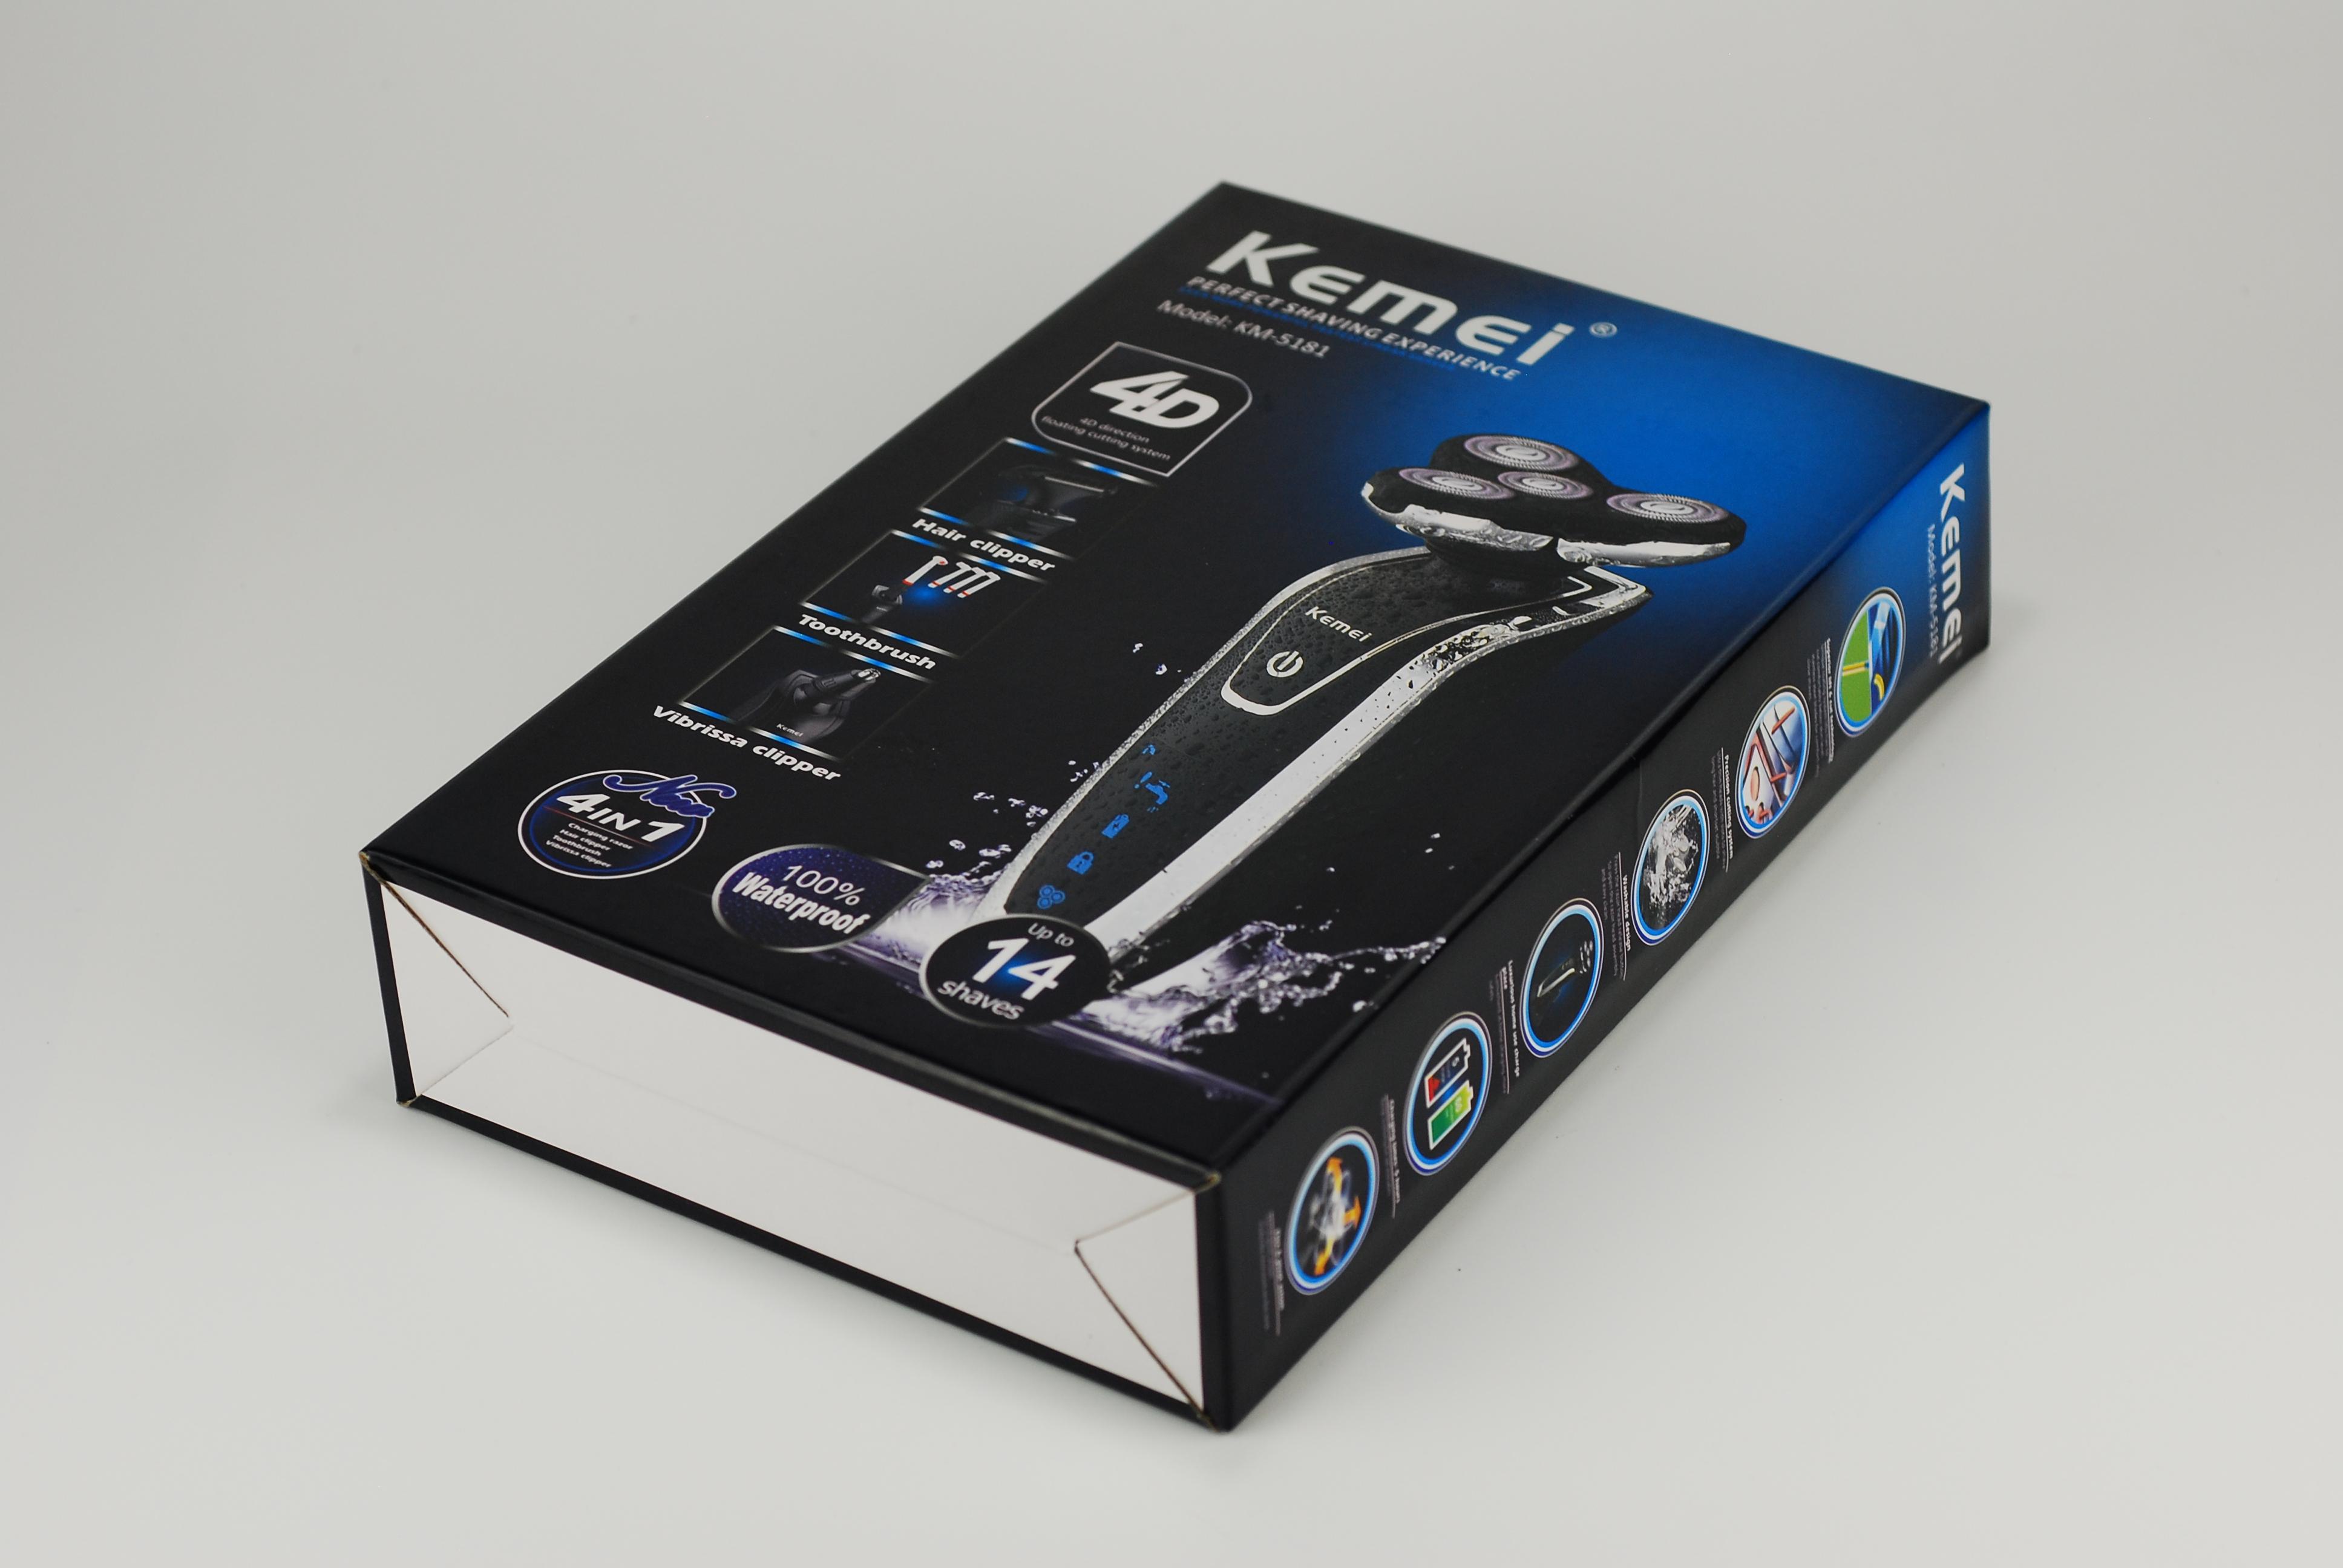 Máy cạo râu đa năng 5in1 cao câp Kemei KM-5181 có màn hình LED hiển thị chuyên dụng cạo râu, cắt tỉa tóc, tỉa ria mép, tỉa lông mũi, đánh răng chống thấm nước IPX 6 tiện lợi dễ dàng vệ sinh